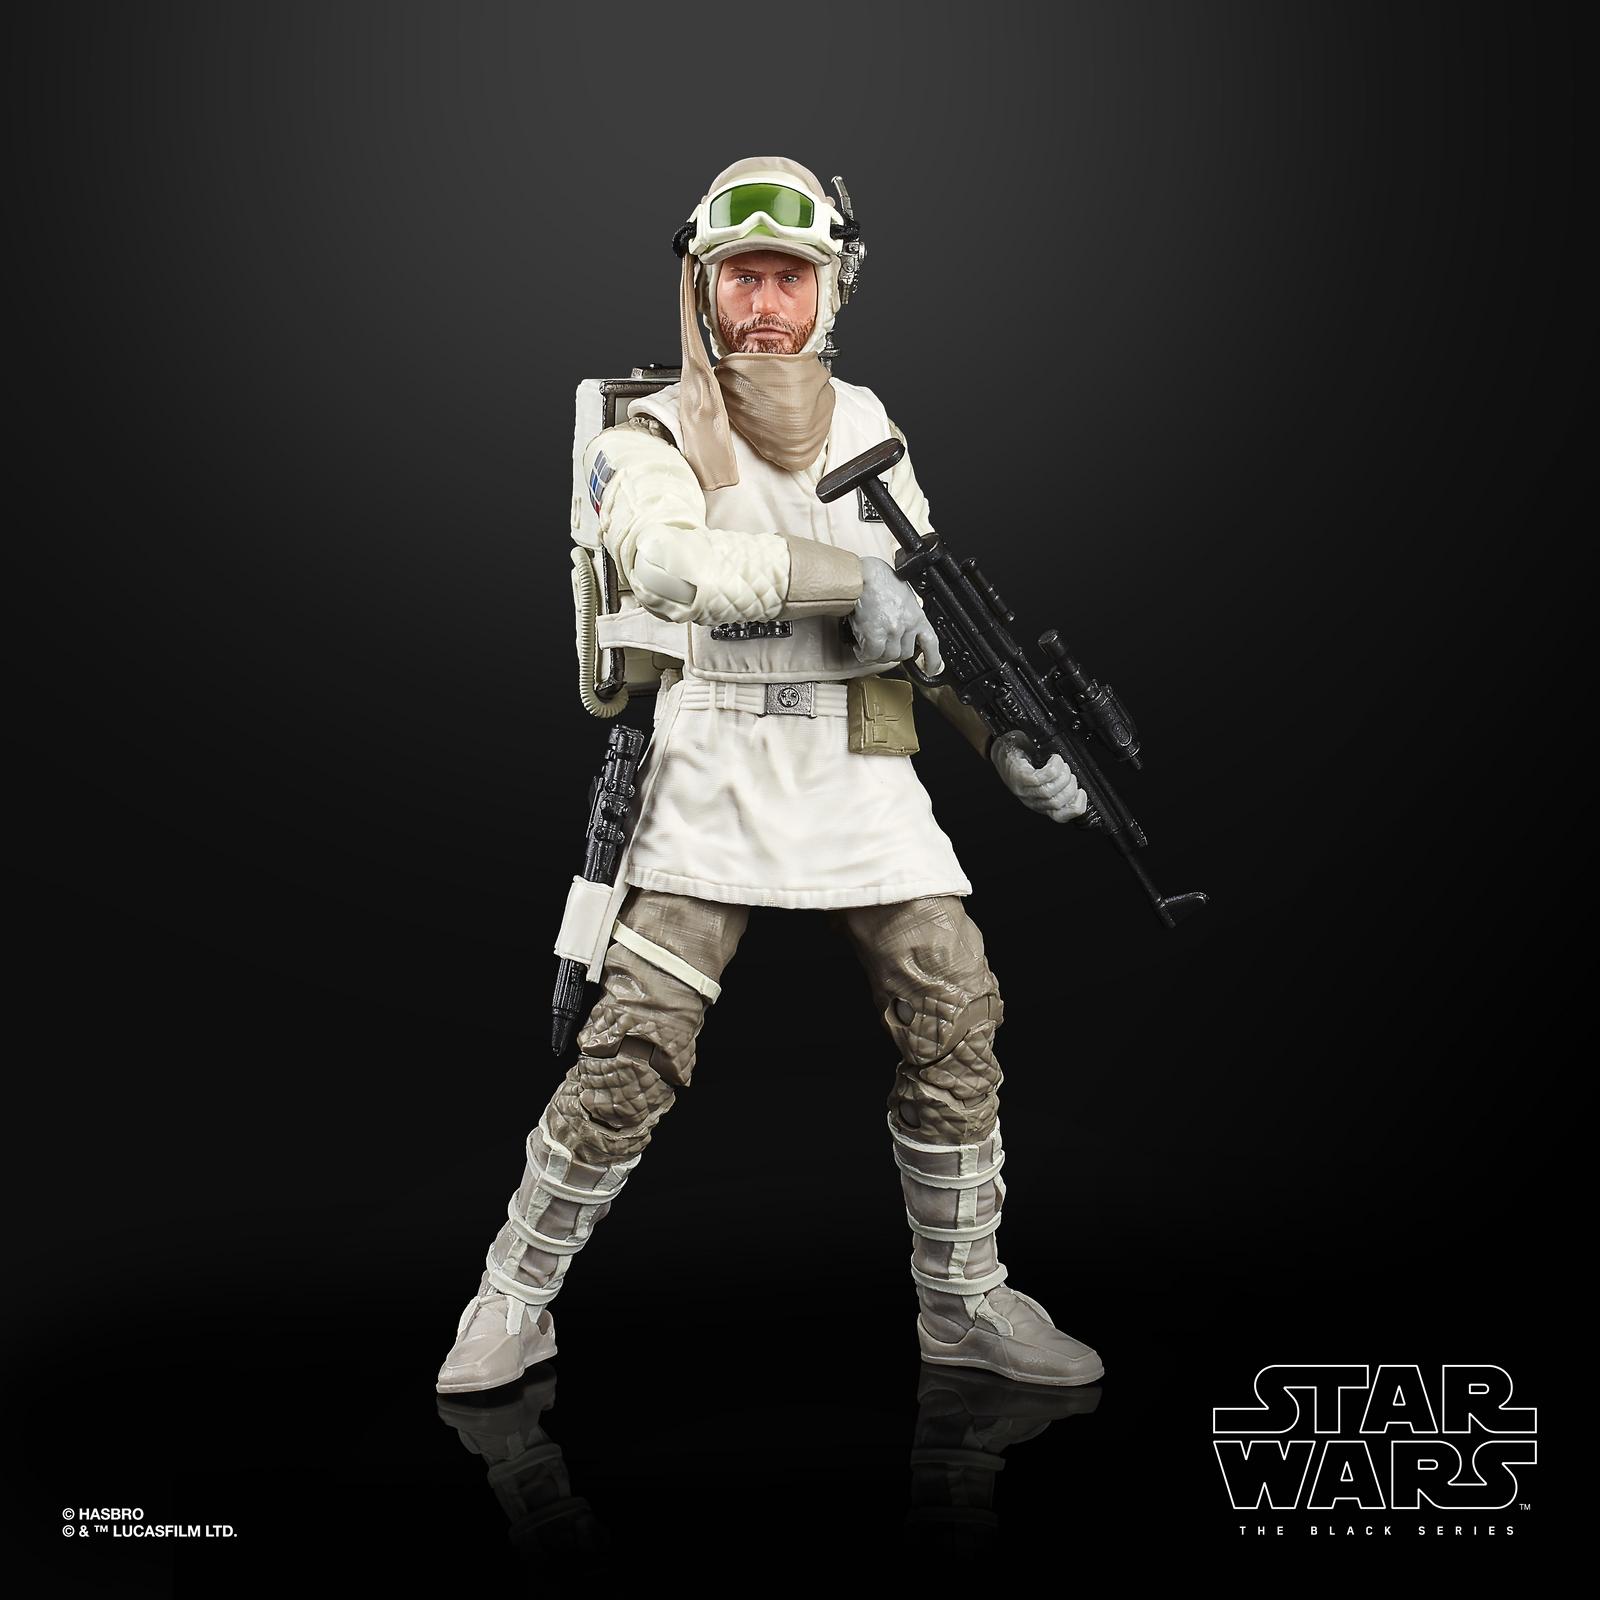 star_wars_the_black_series_6-inch_rebel_trooper_hoth_figure_oop_1.jpg